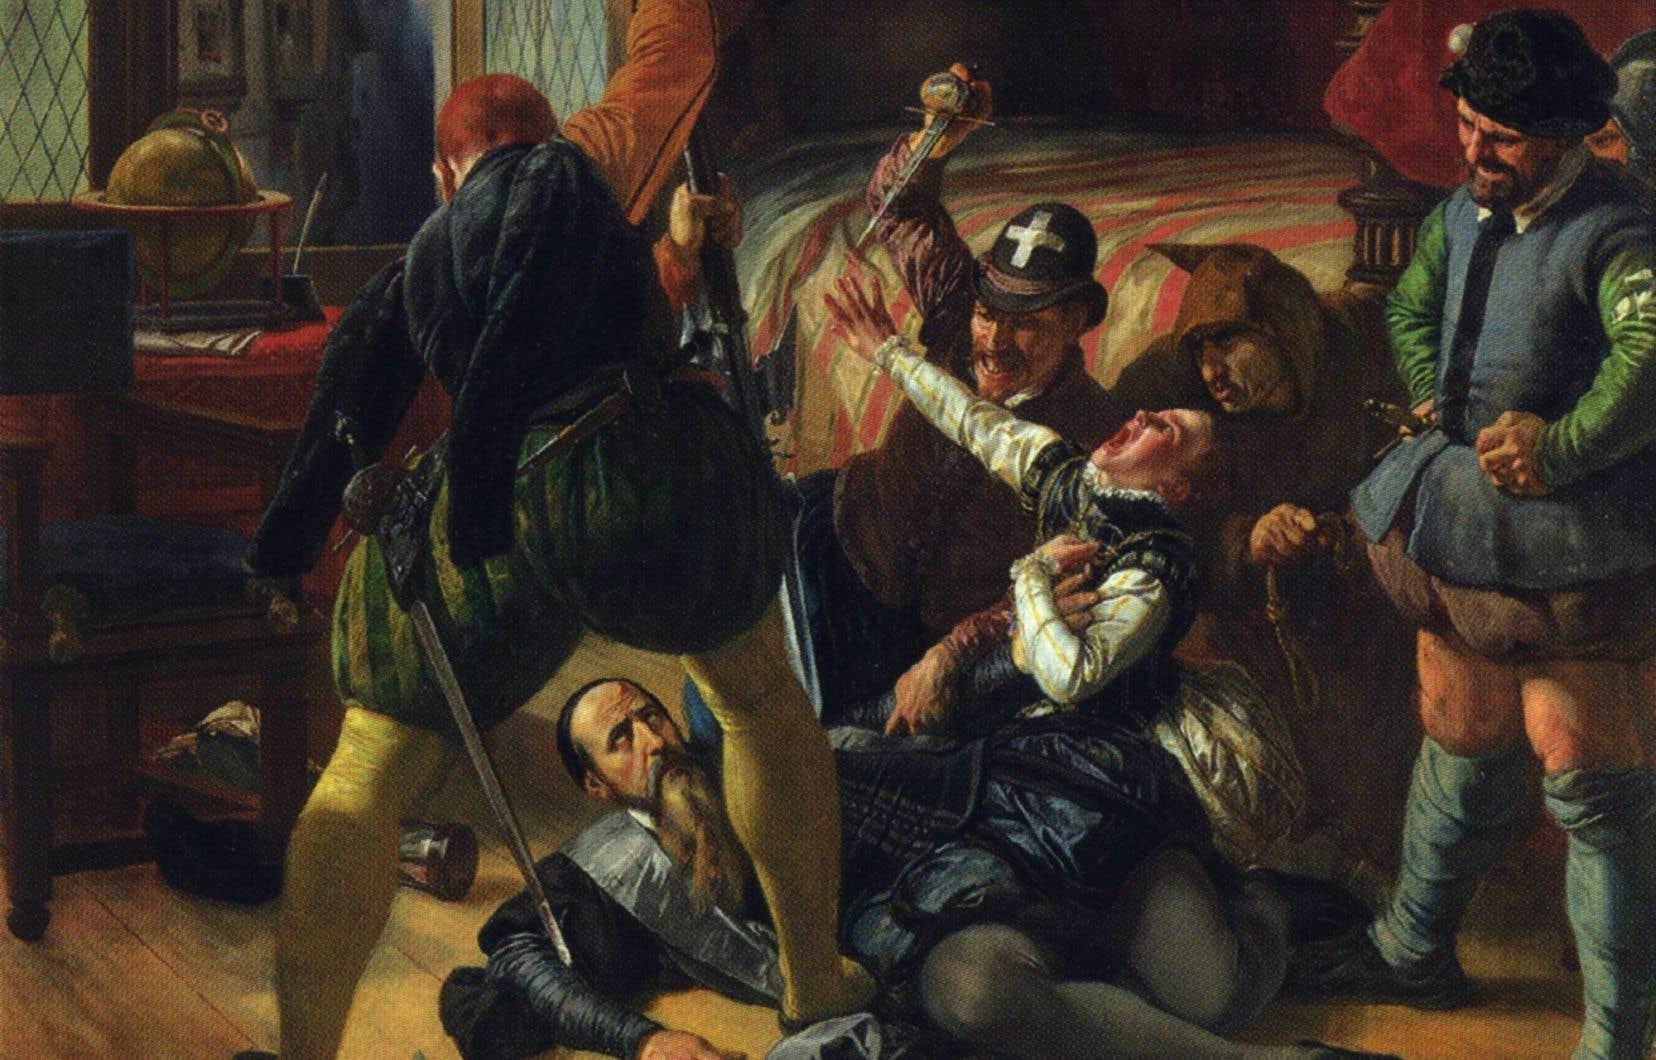 <p>«Scène de la Saint-Barthélemy», Joseph-Nicolas Robert-Fleury, 1833.</p>